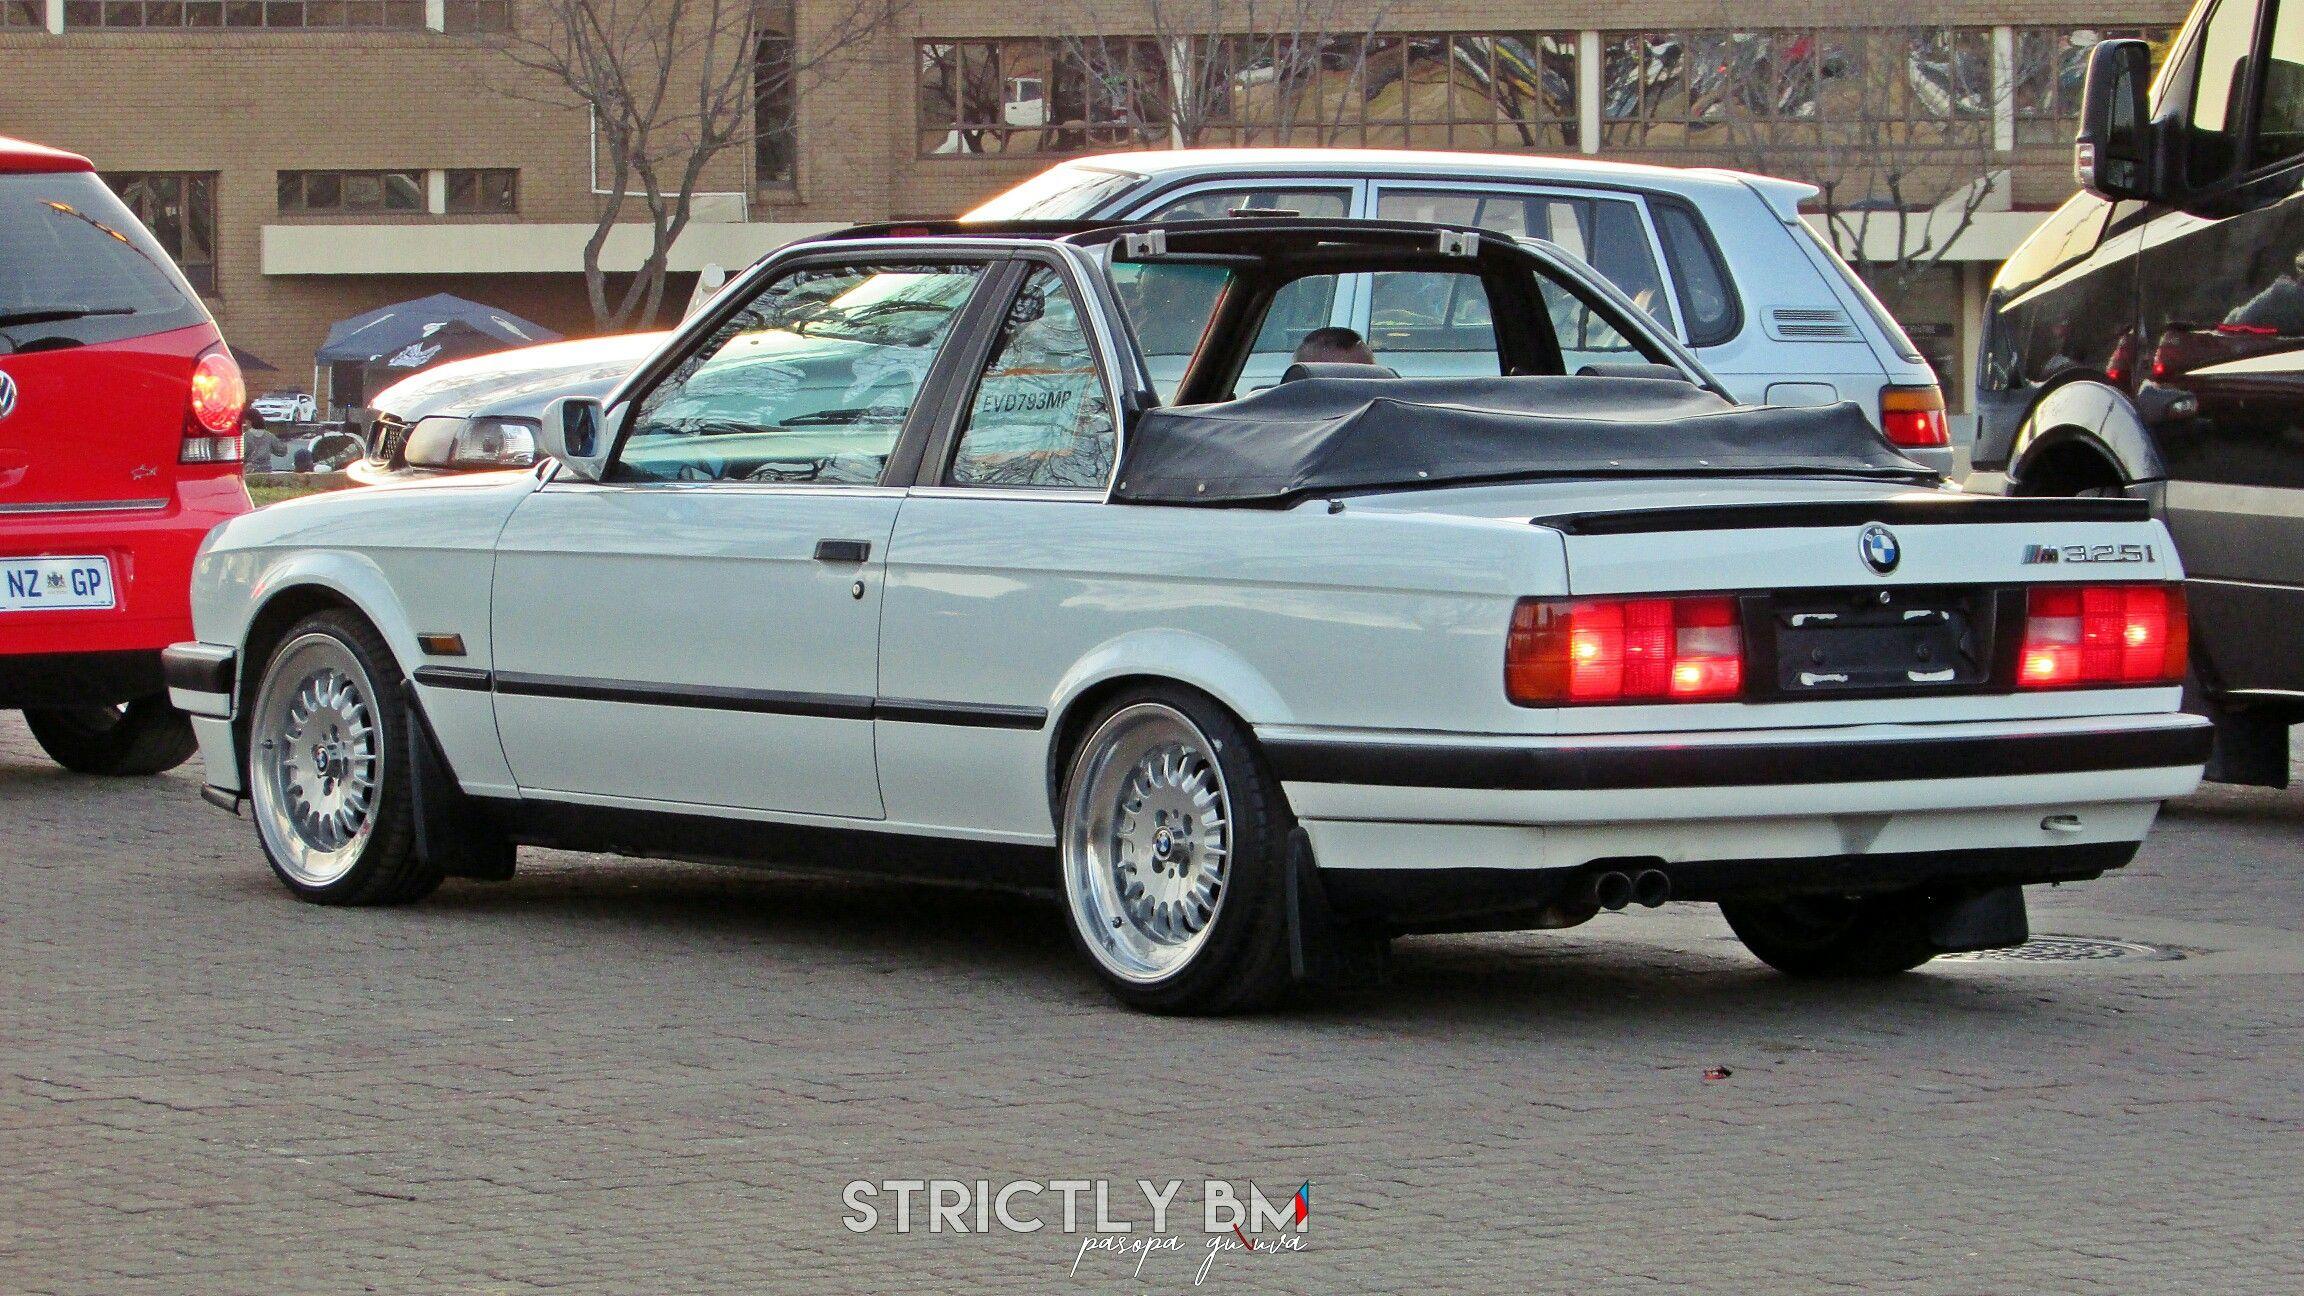 Bmw E30 325i Cabriolet Bmw E30 Bmw Classic Cars Bmw E21